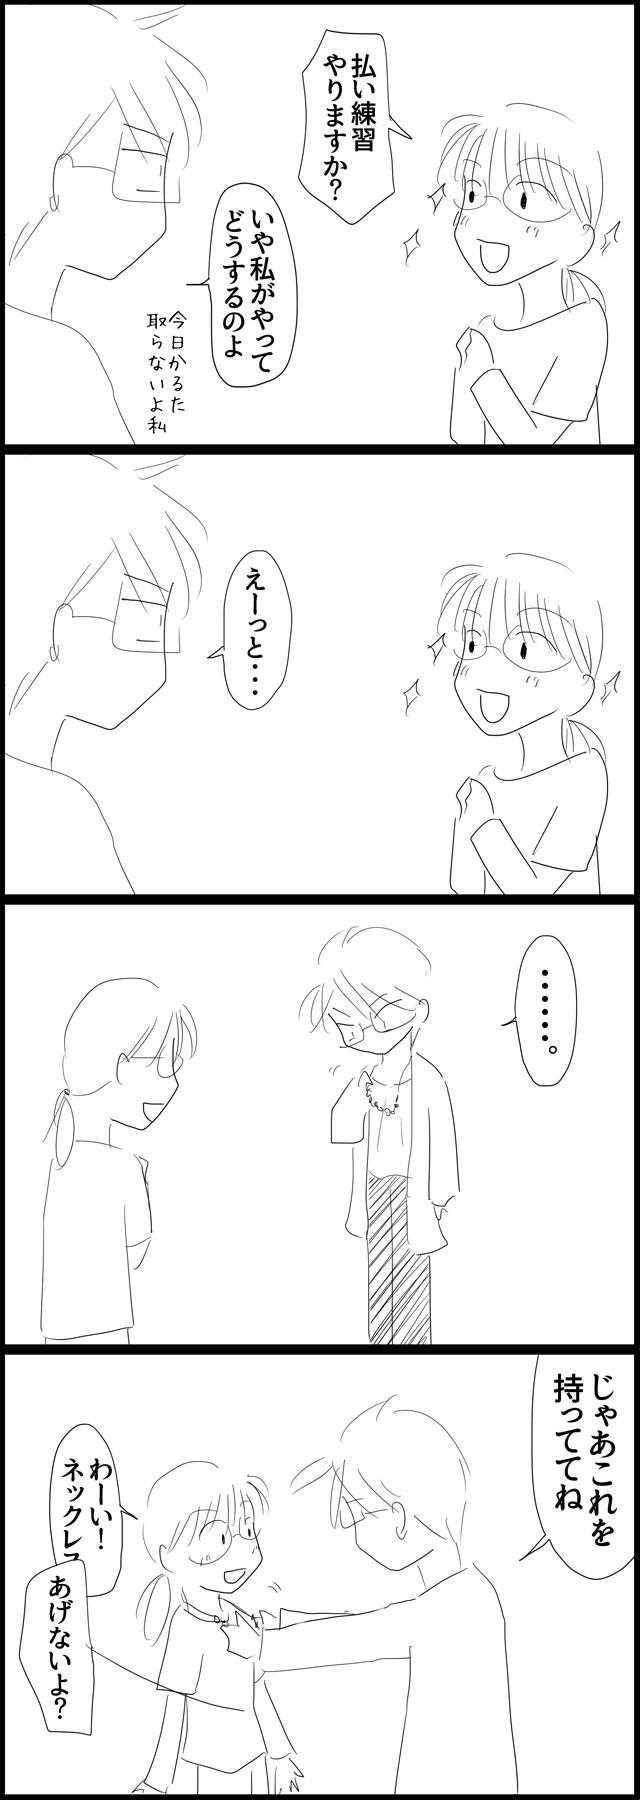 f:id:karutaru:20170430122908j:plain